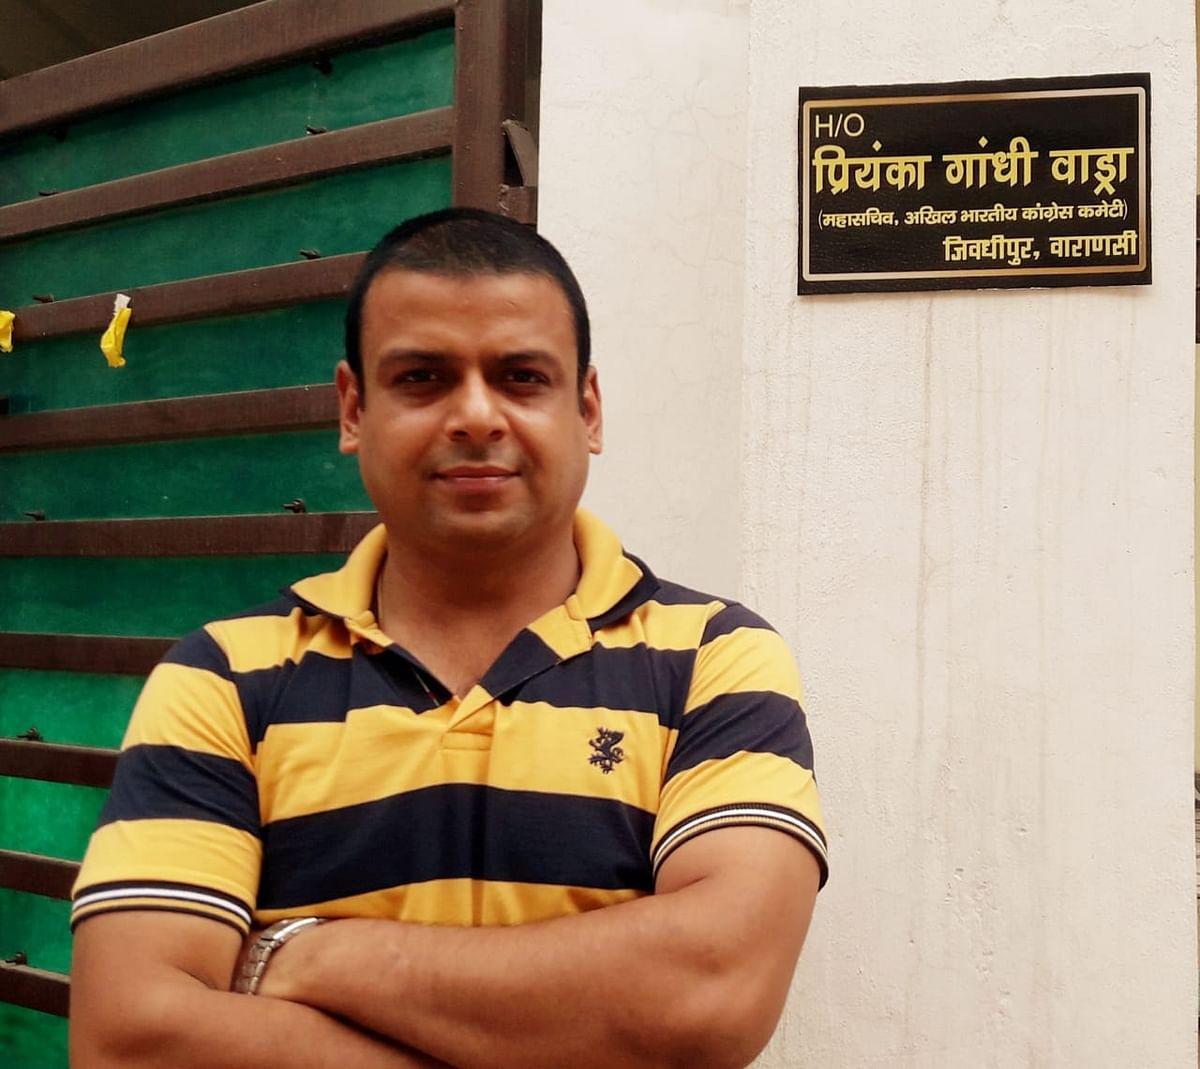 वाराणसी में प्रियंका गांधी को दो मंजिला मकान देंगे पार्टी कार्यकर्ता